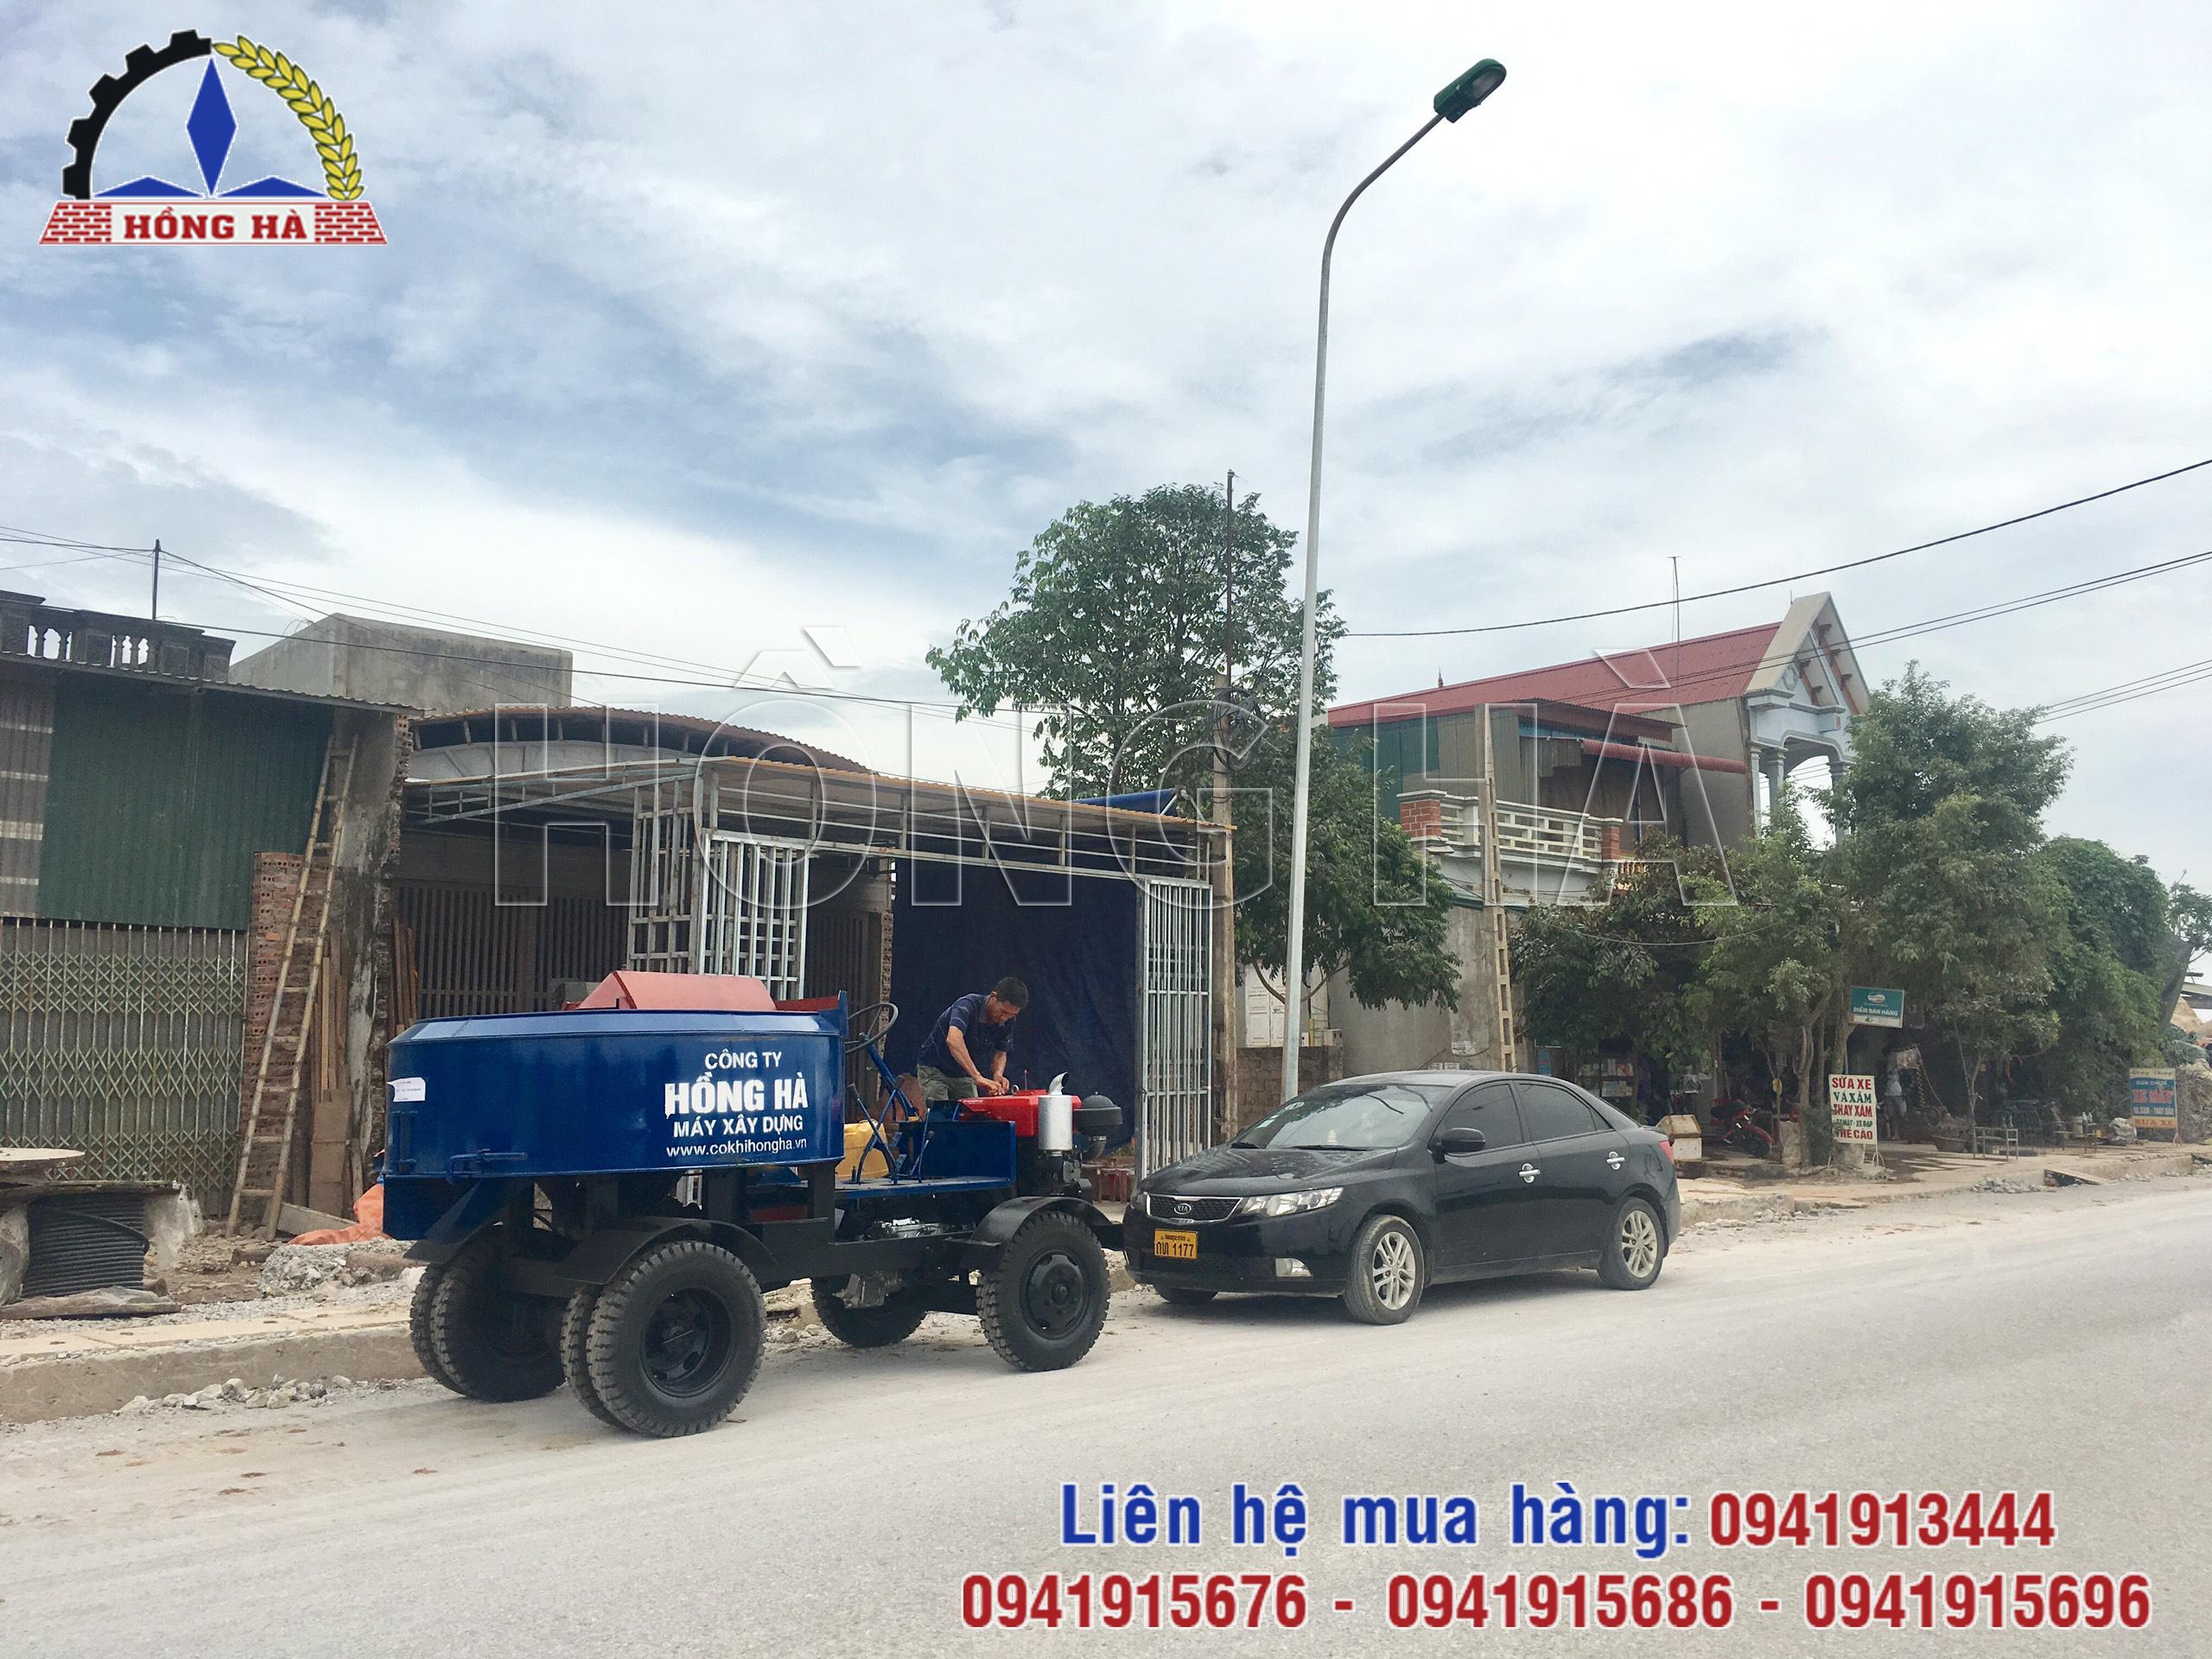 Khách hàng tại Thanh Hóa nhận bàn giao máy trộn bê tông tự hành Hồng Hà